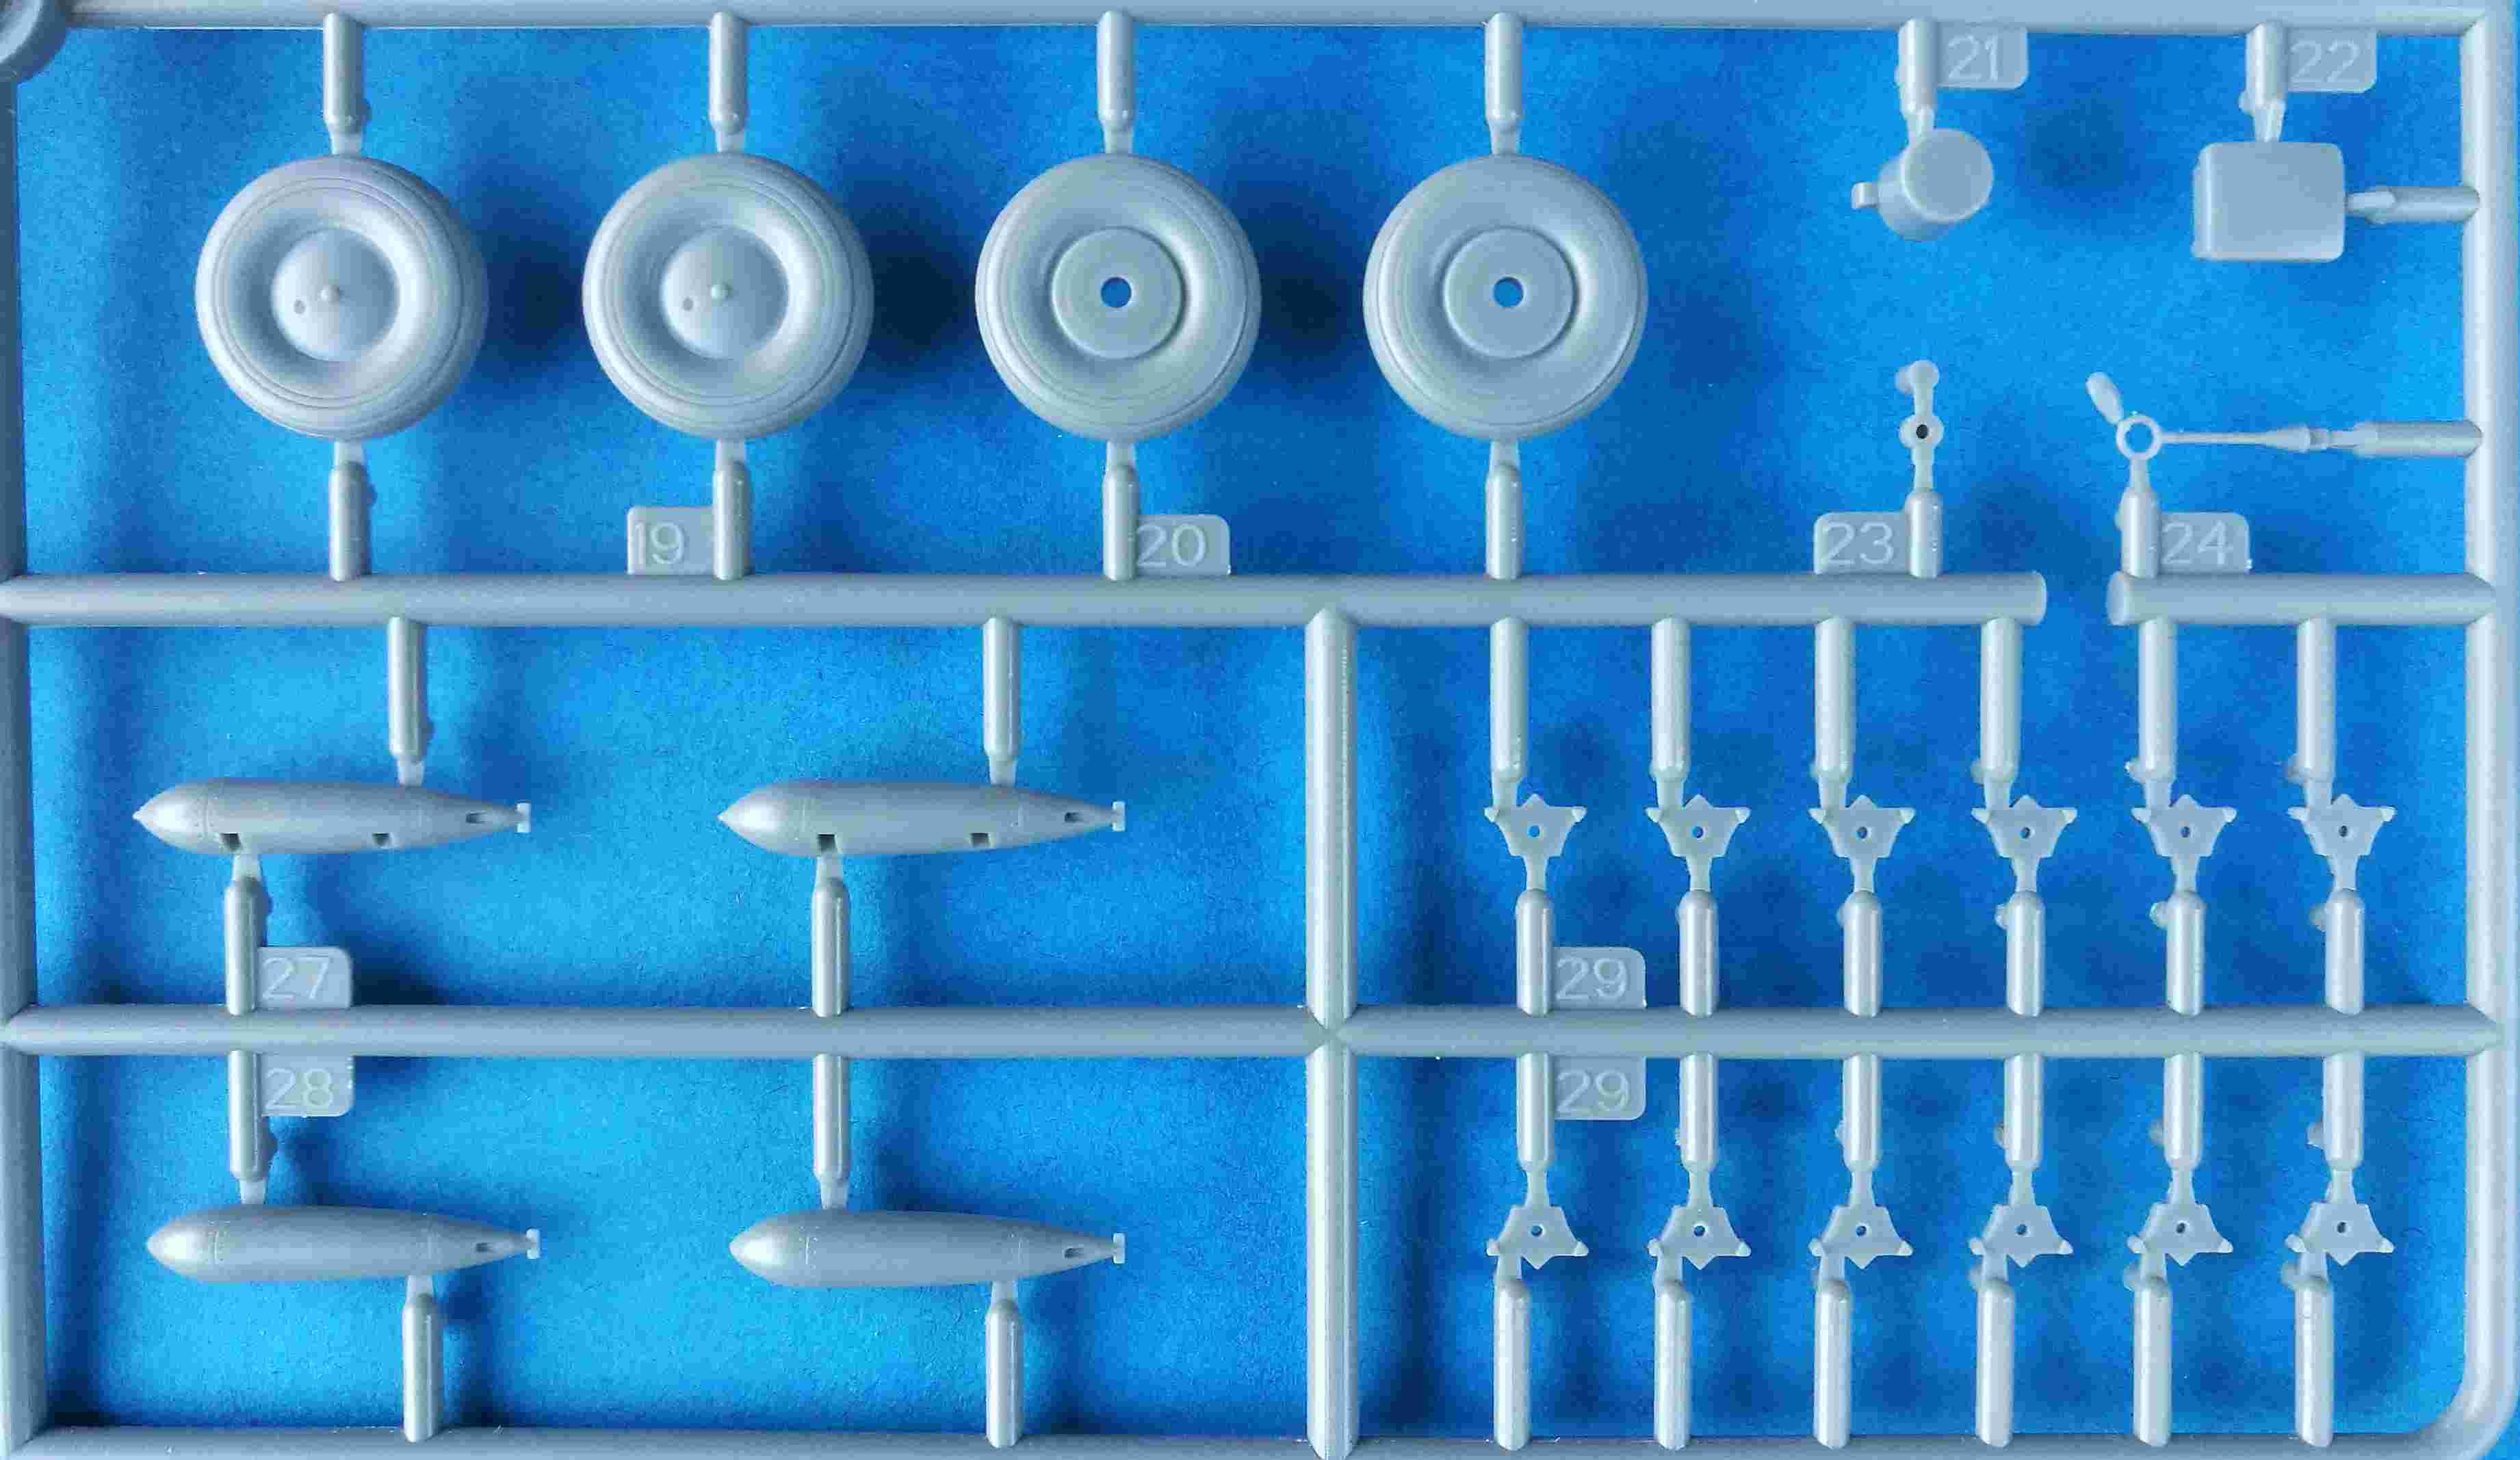 Trumpeter-02880-Fairey-Albacore-5 Fairey Albacore in 1:48  Trumpeter # 02880